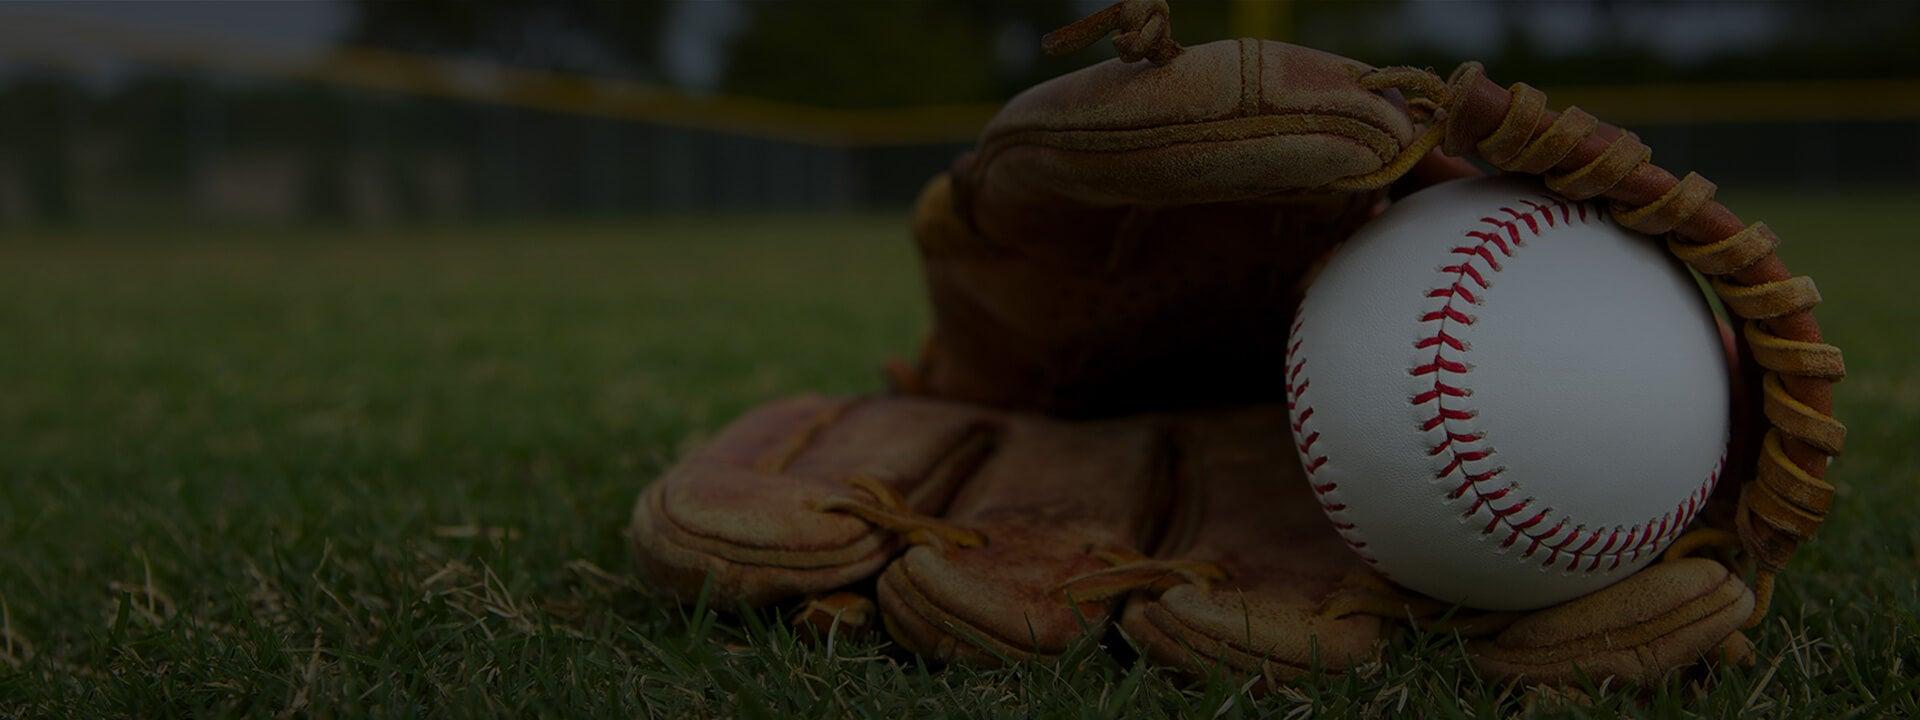 DataRobot D.R.I.V.E. 60 Game MLB Projections Start of Season Update Blog background v1.0